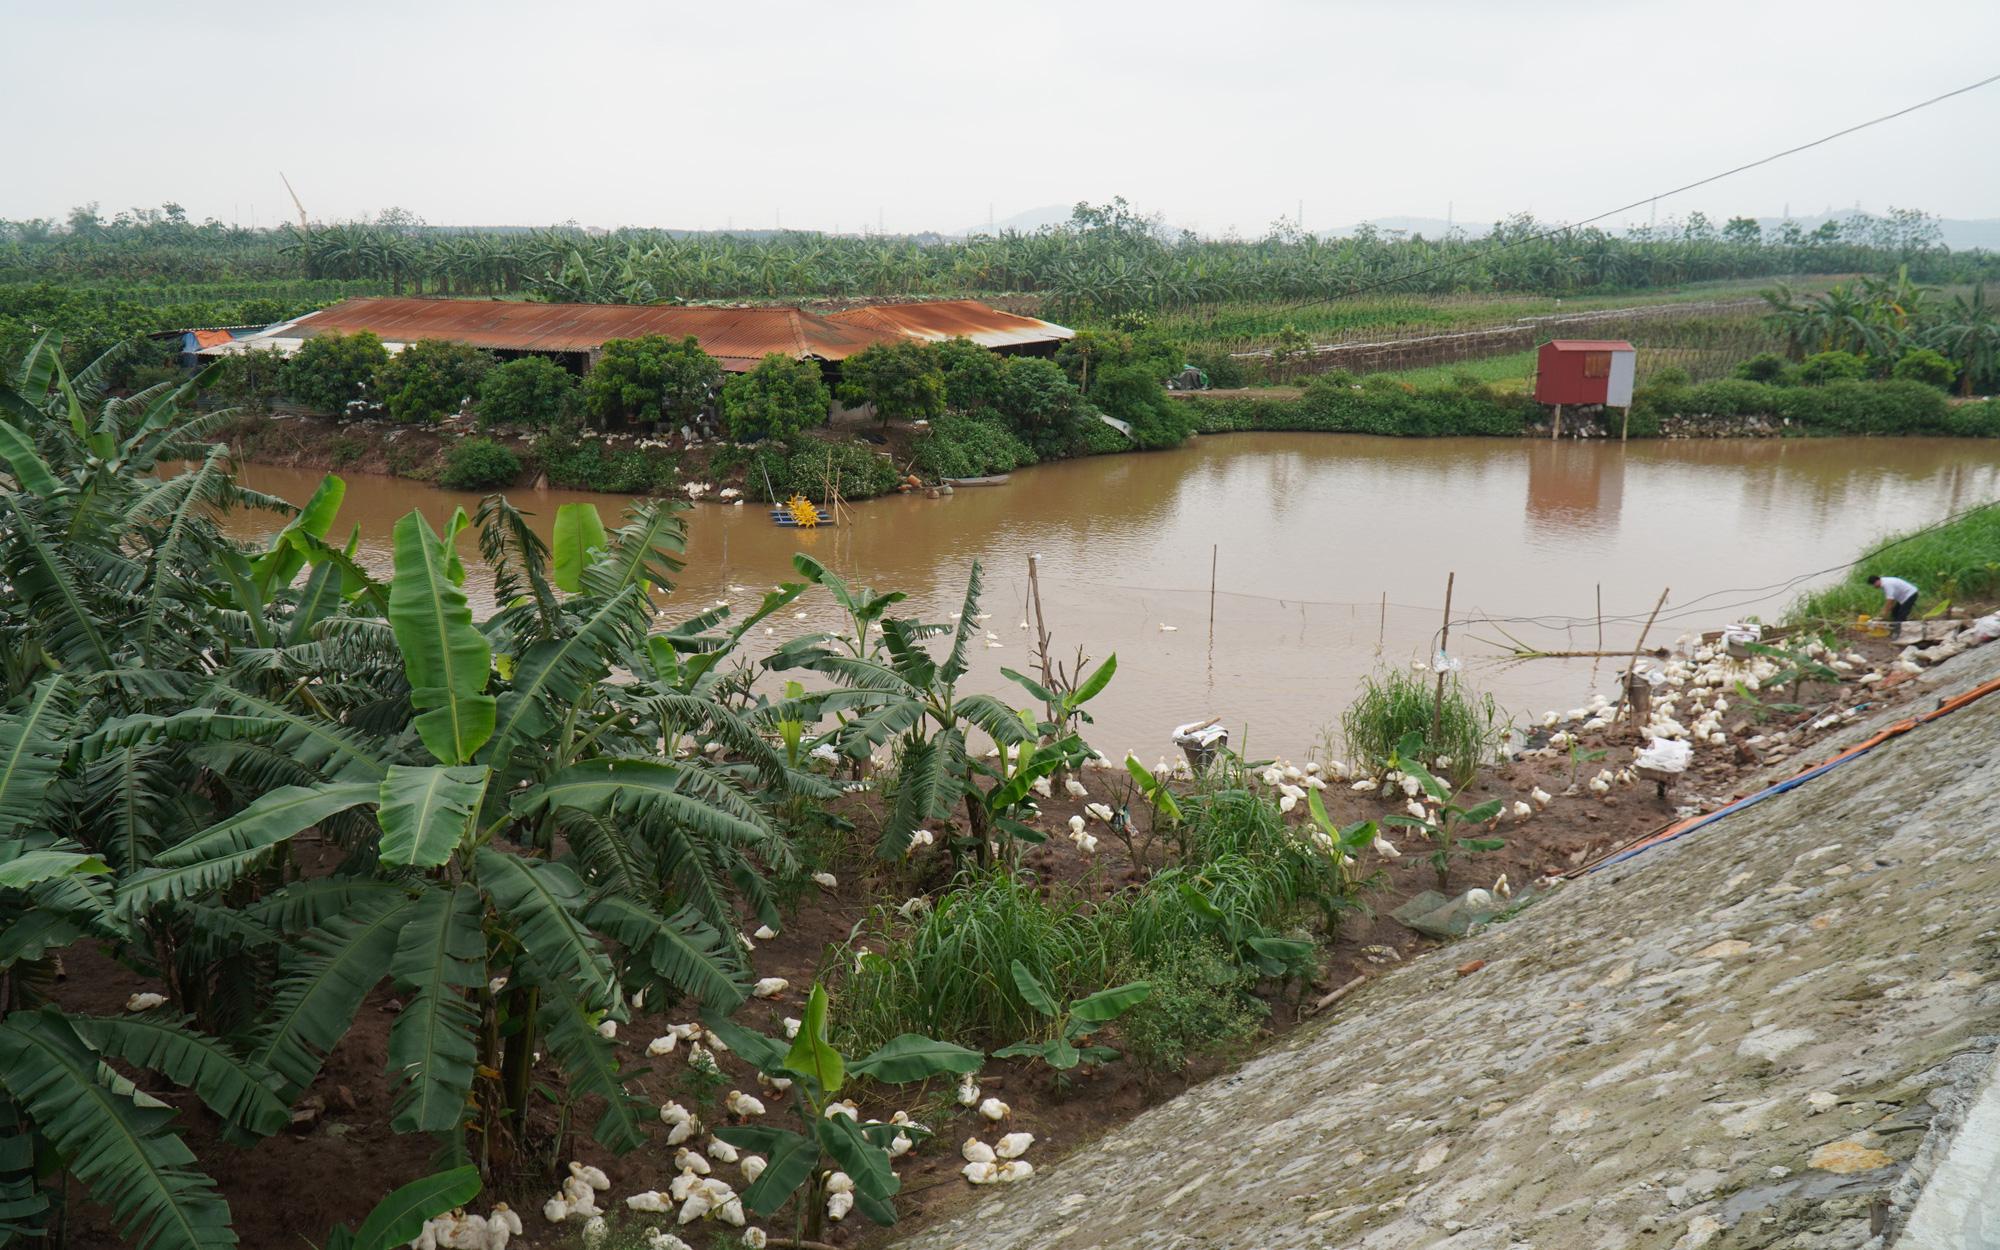 Tổng cục PCTT: Dự án sân golf Thuận Thành chỉ được xây dựng 5% diện tích bãi sông